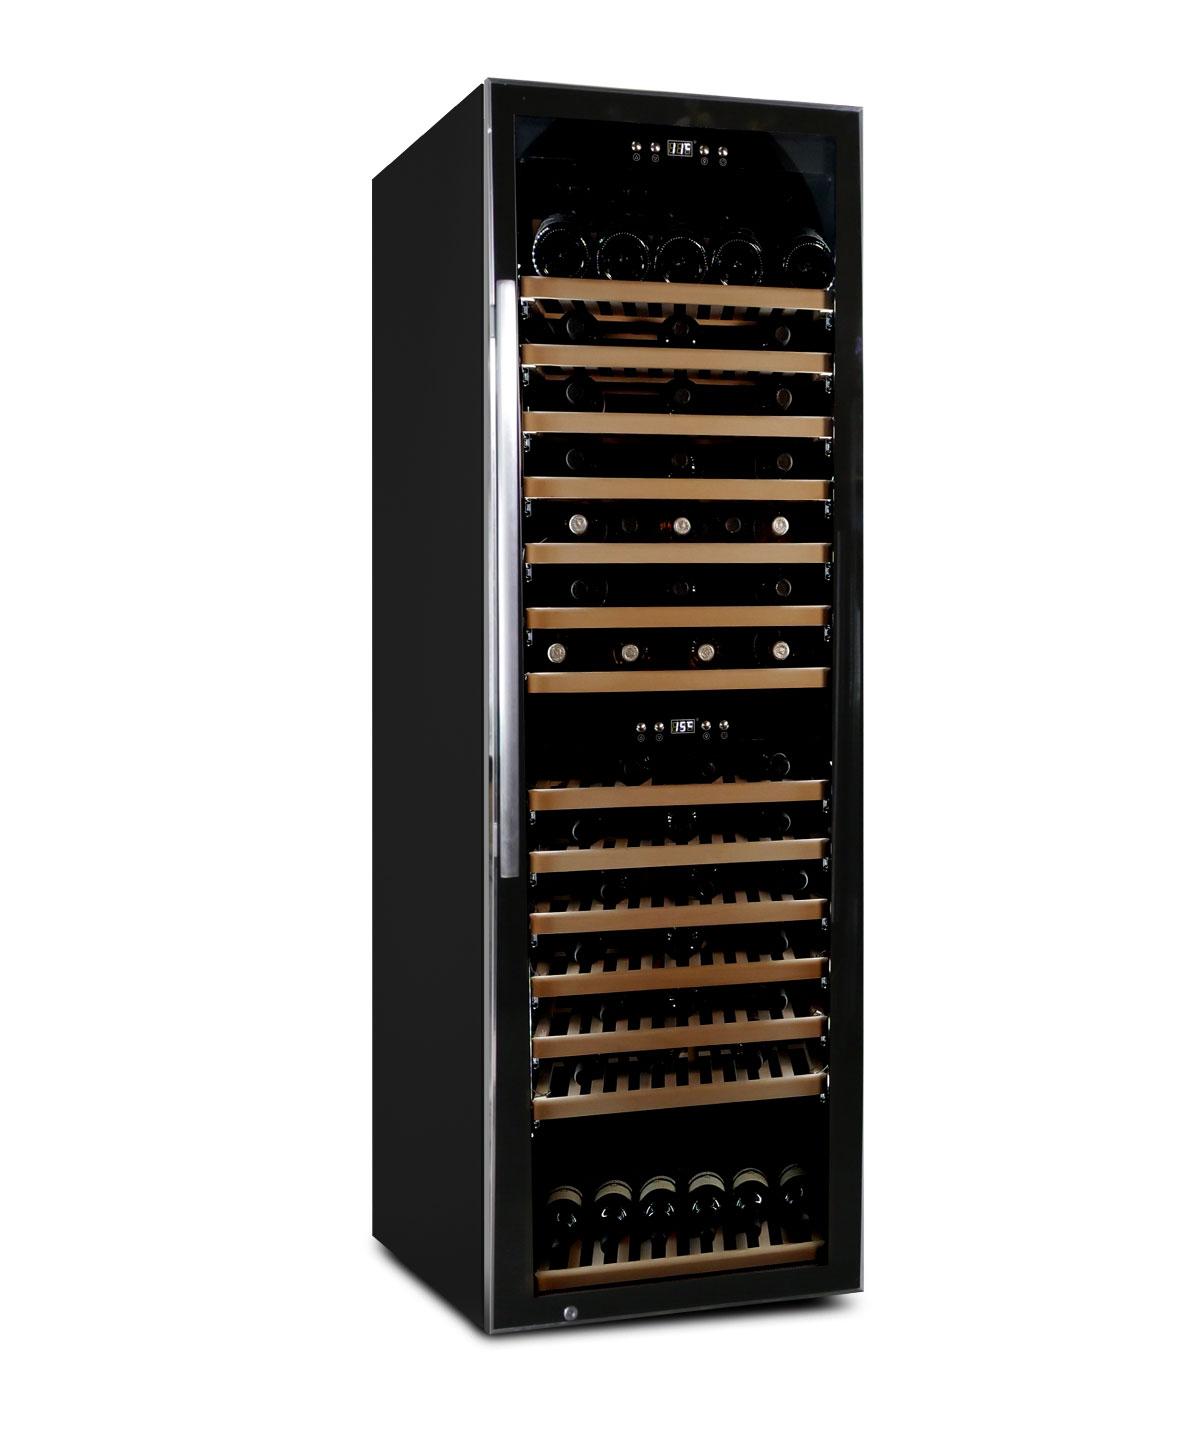 Cantinetta climatizzata professionale 180 bottiglie